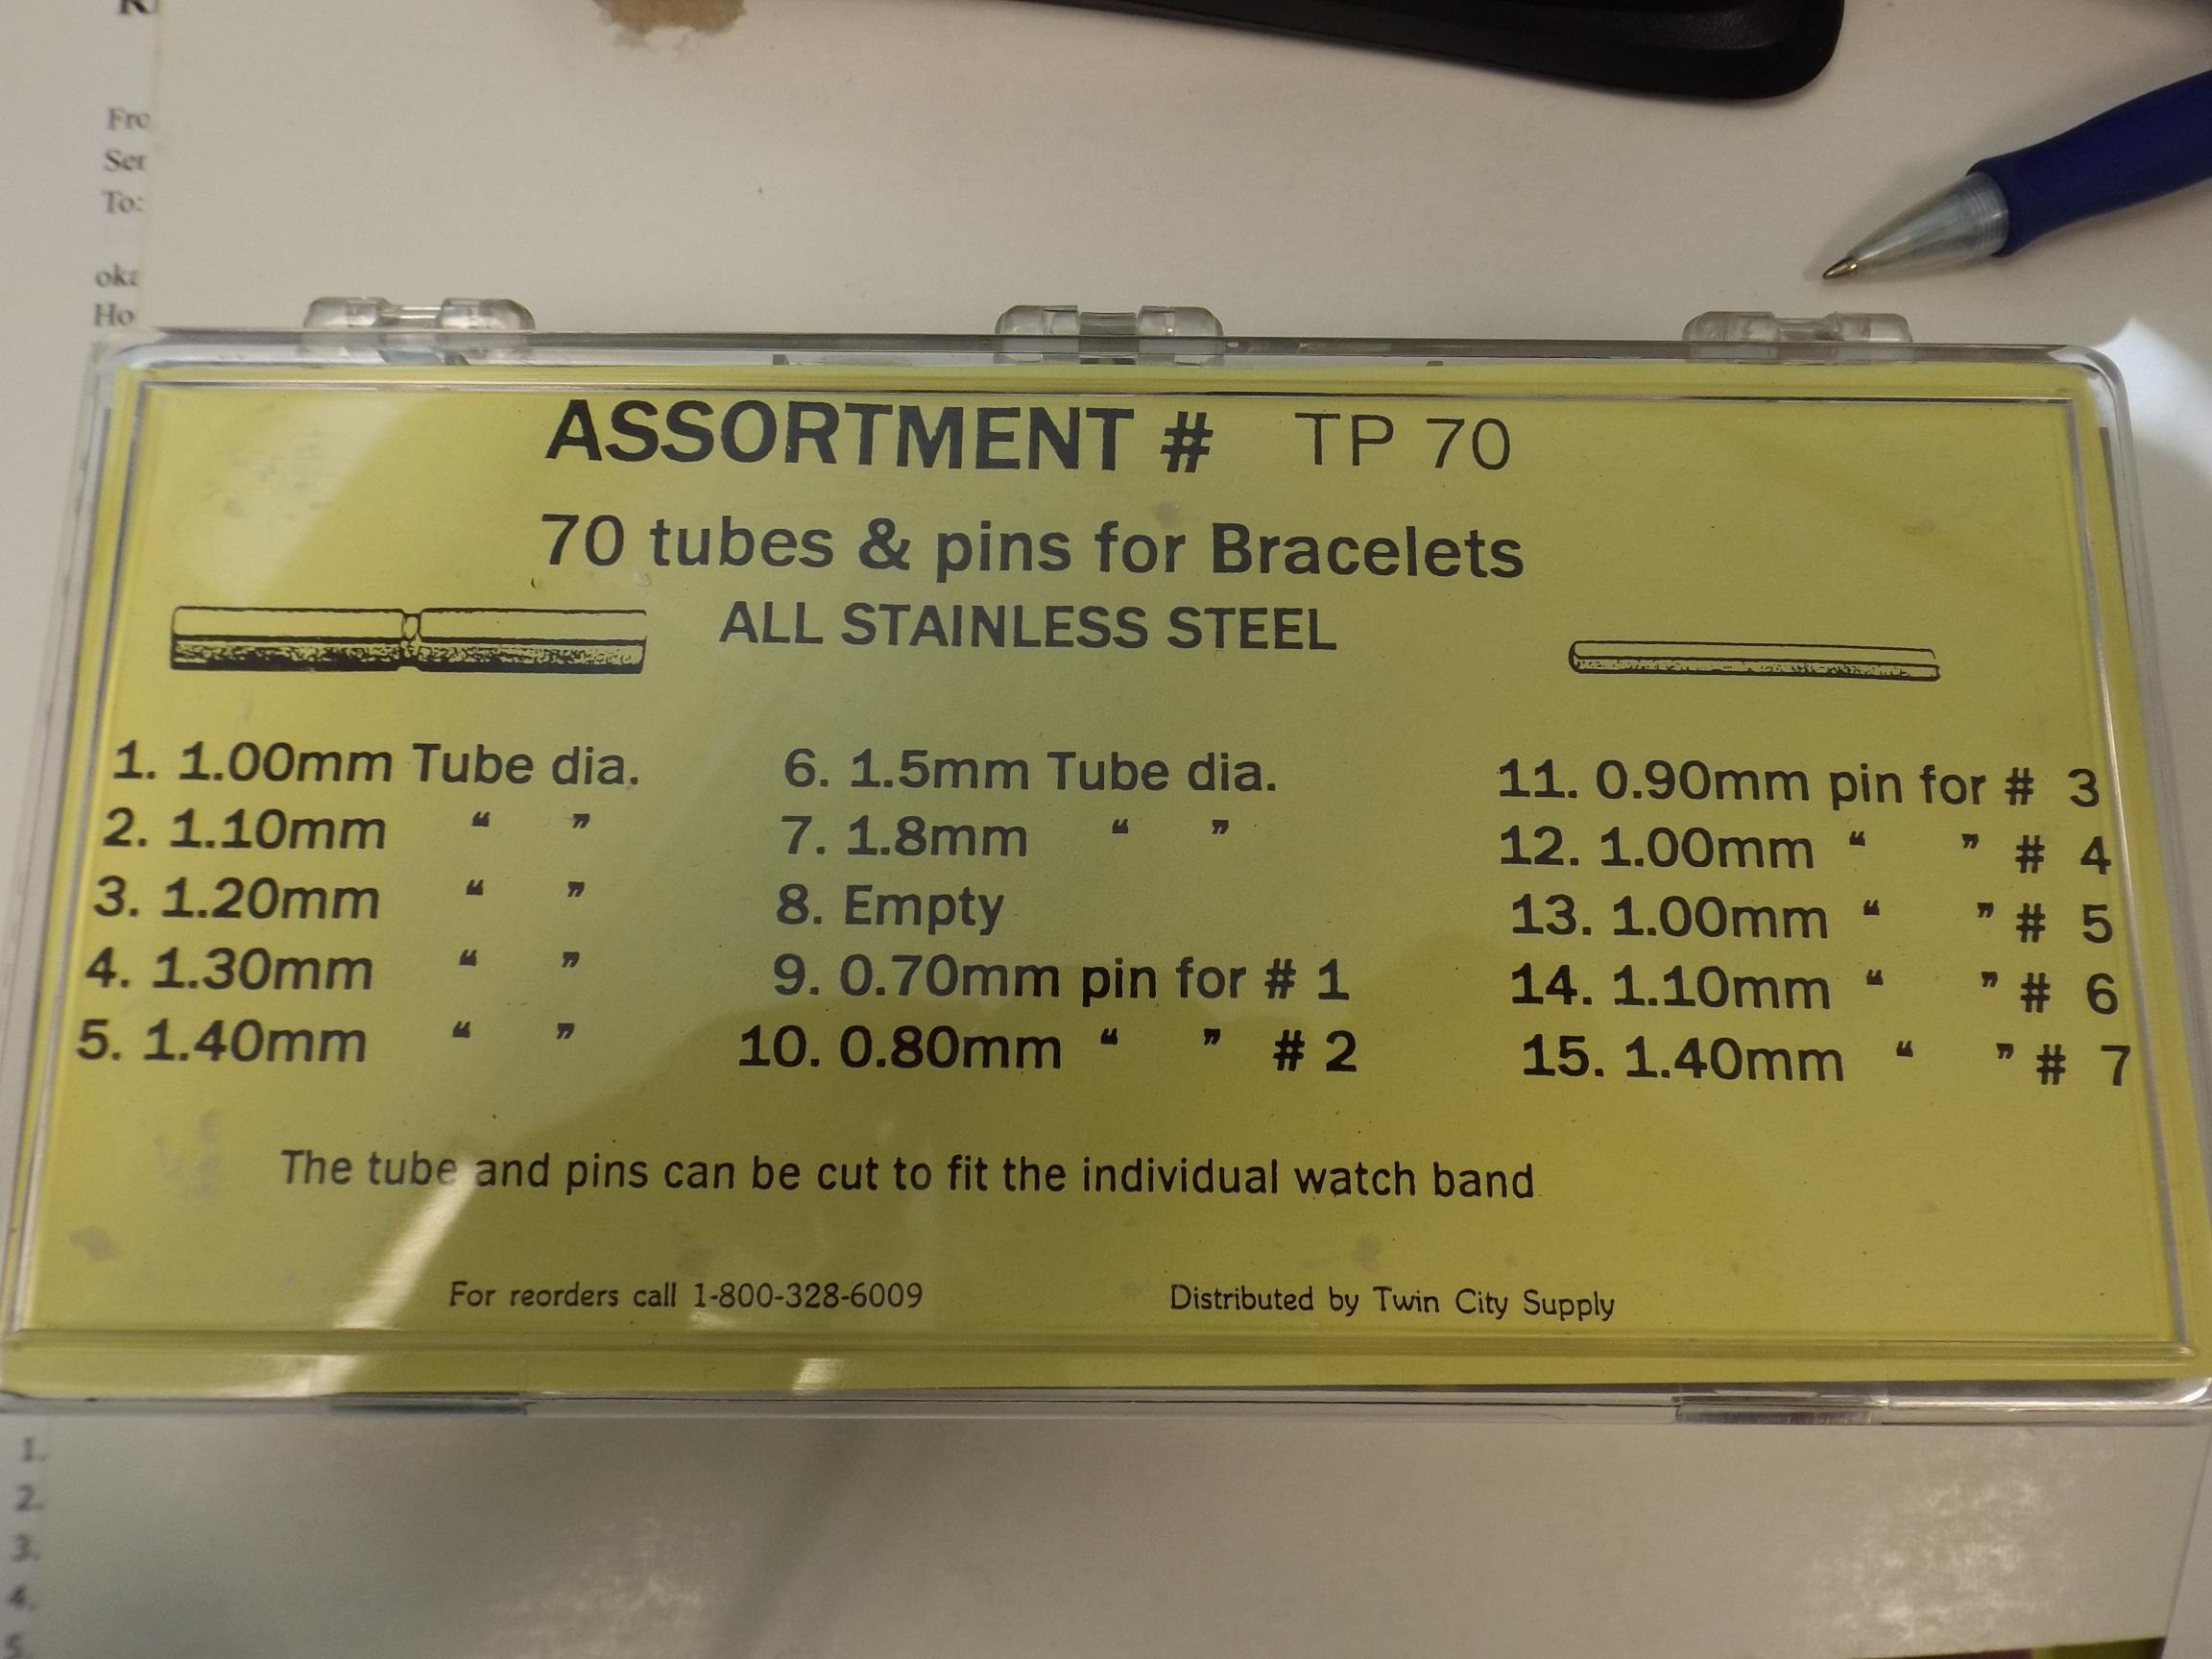 TP70 Tubes & Pins for Bracelets- 70 piece Assortment- Acon #595